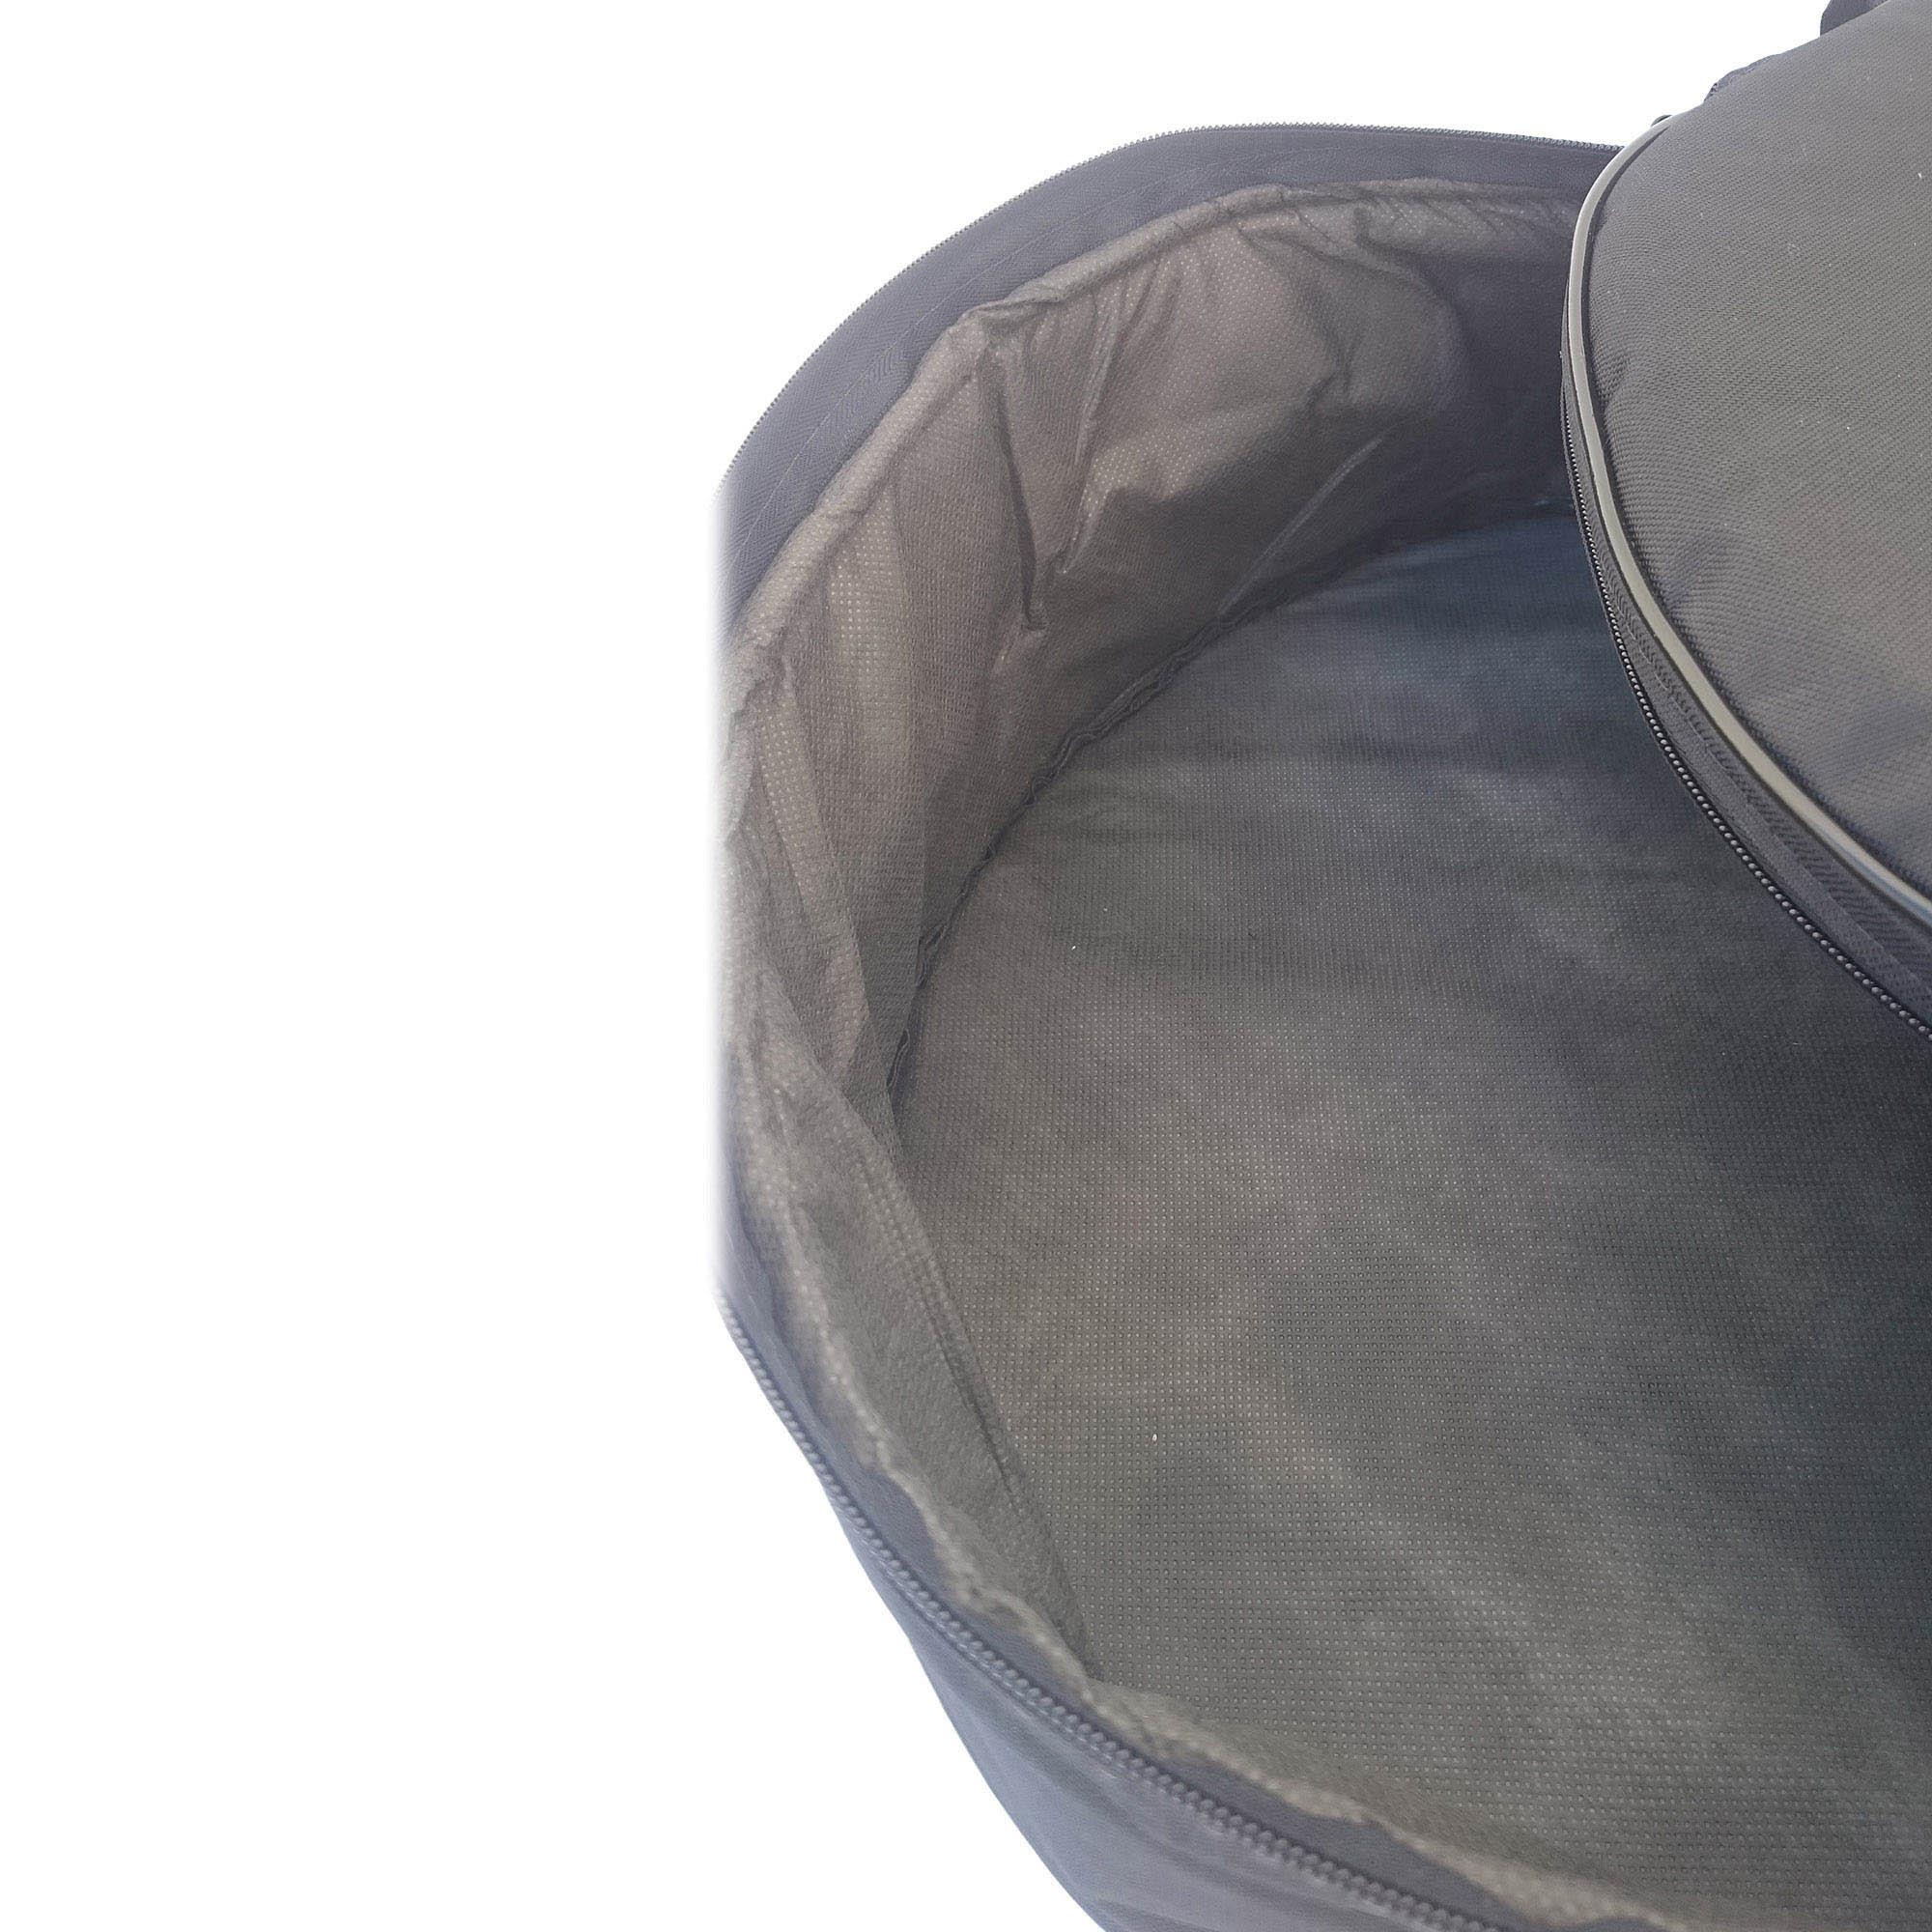 Capa Bag Extra Luxo de Caixa 14 x 6 cm de bateria ou não da CLAVE & BAG. Totalmente acolchoada.  - ROOSTERMUSIC